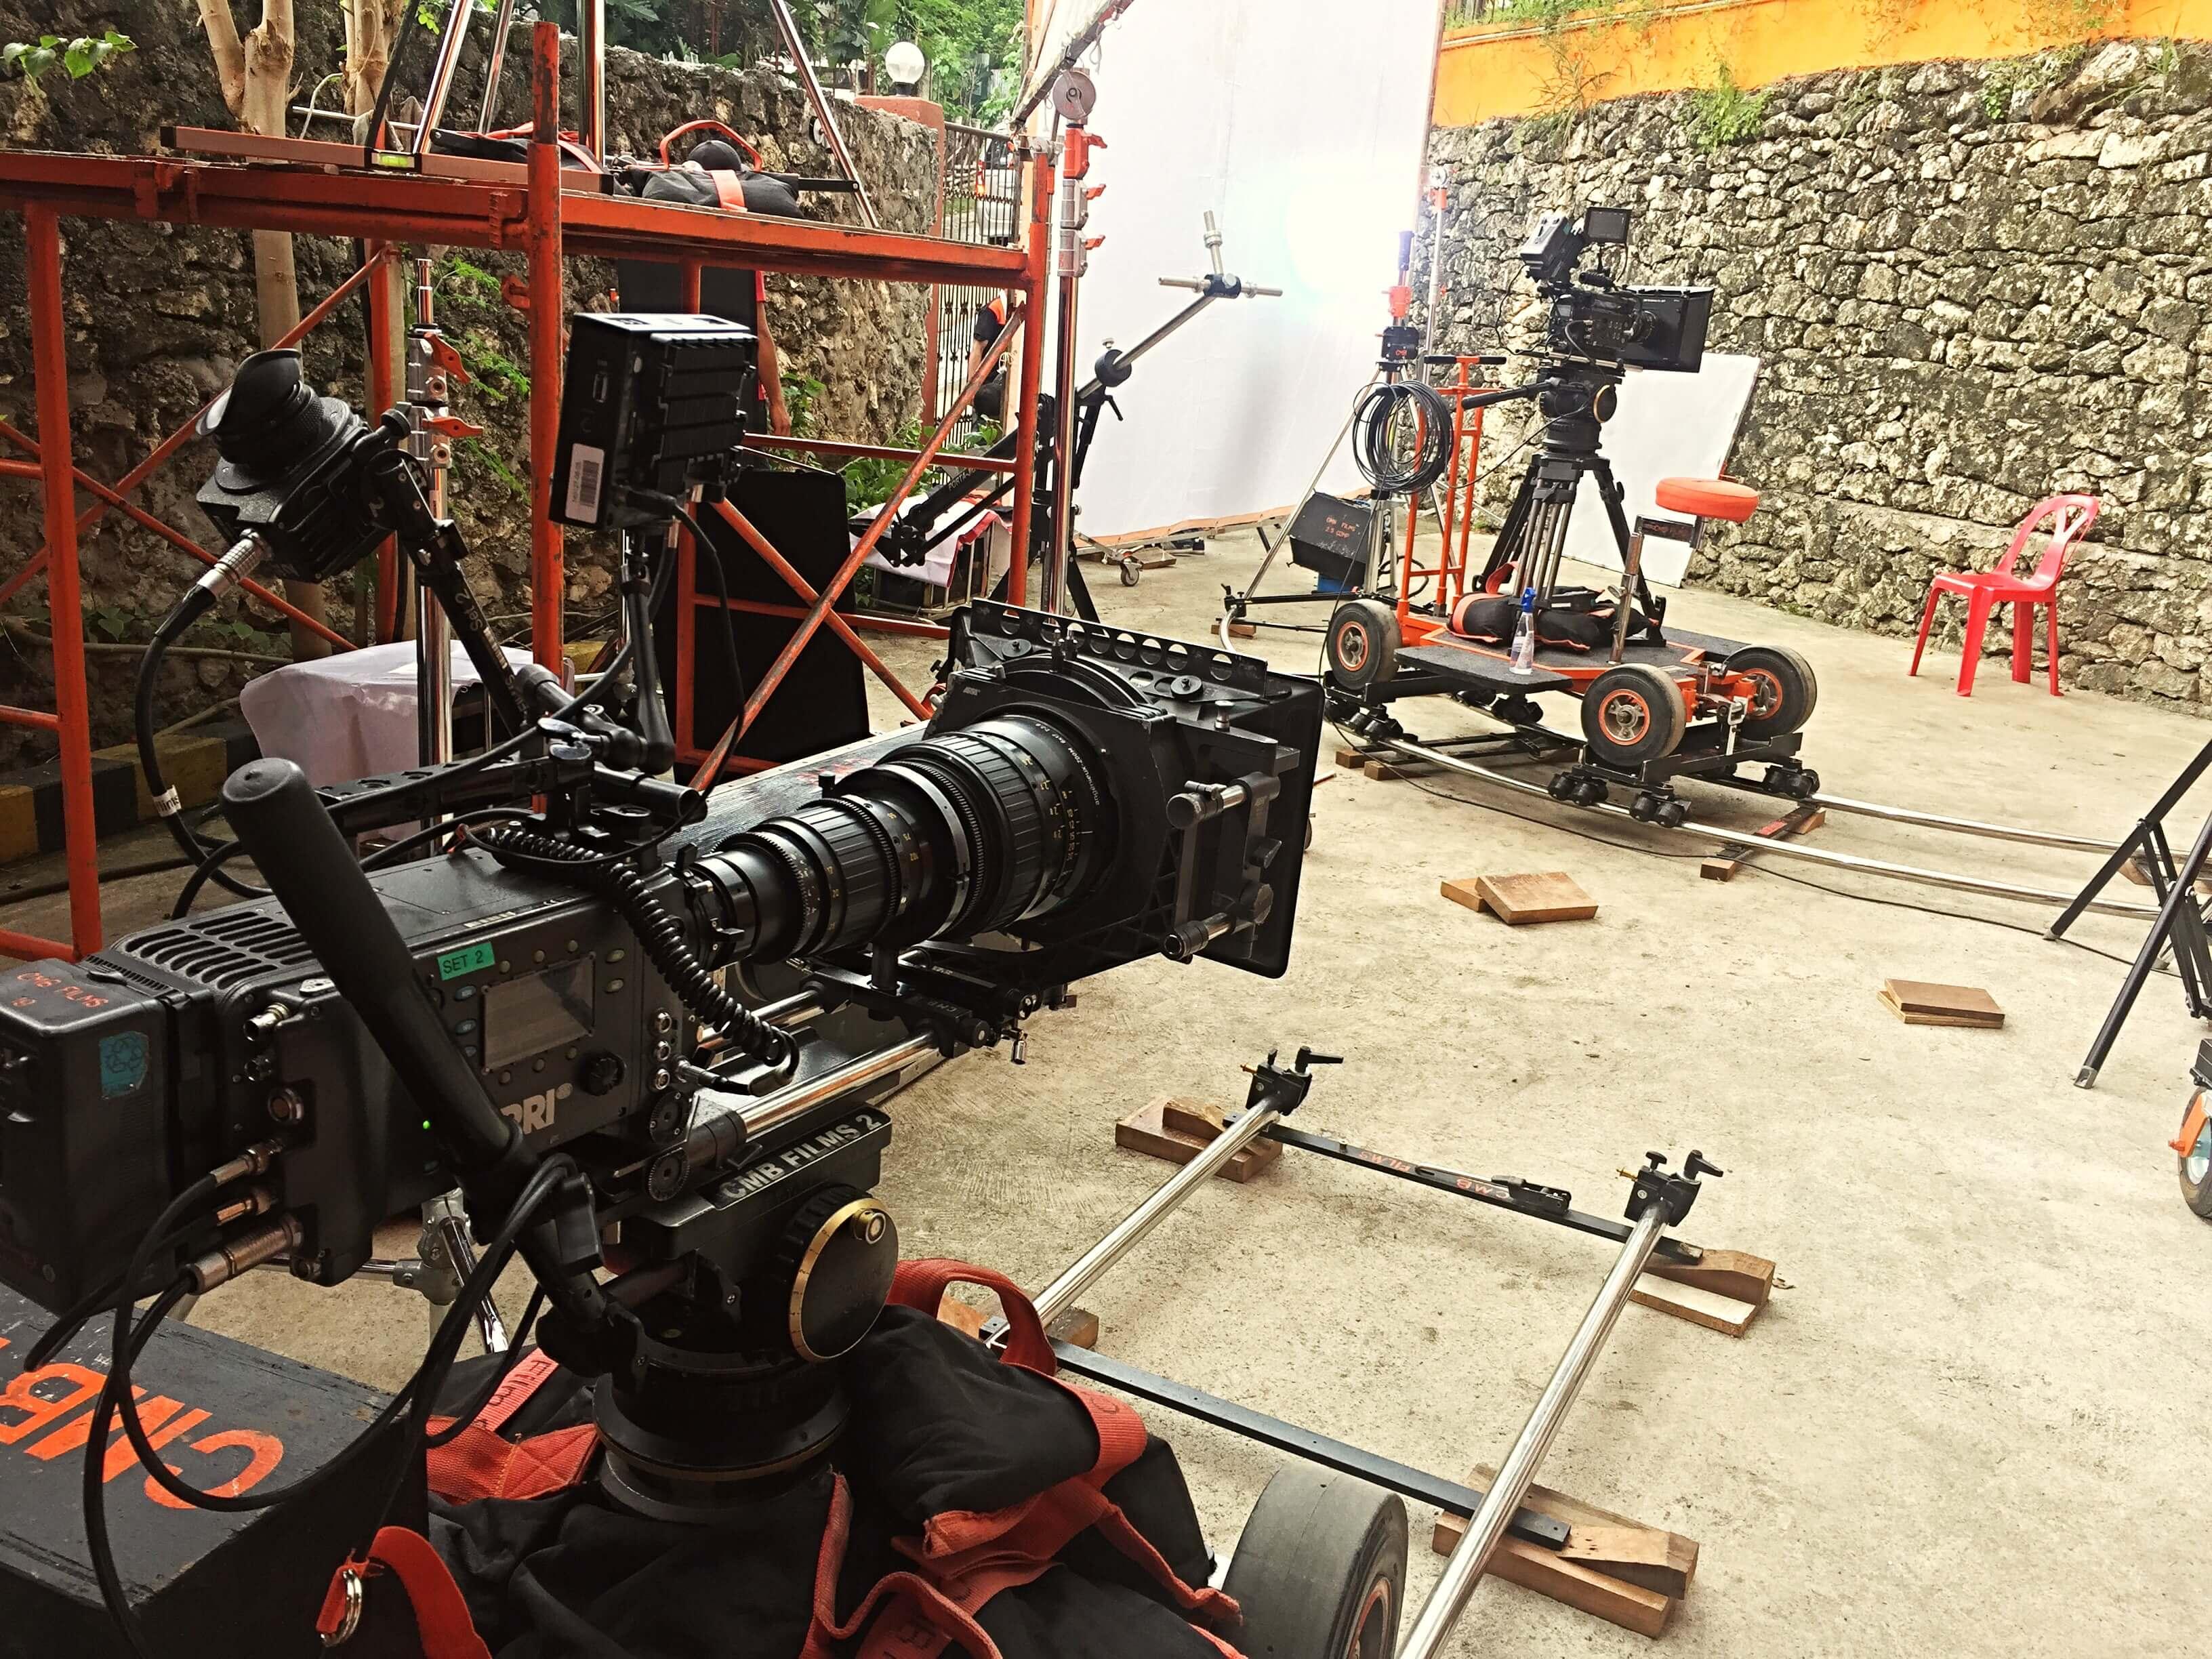 Photo of 撮影時のカメラ選び。民生用や業務用、一眼レフカメラなどあるけれど、どれがベストなの?